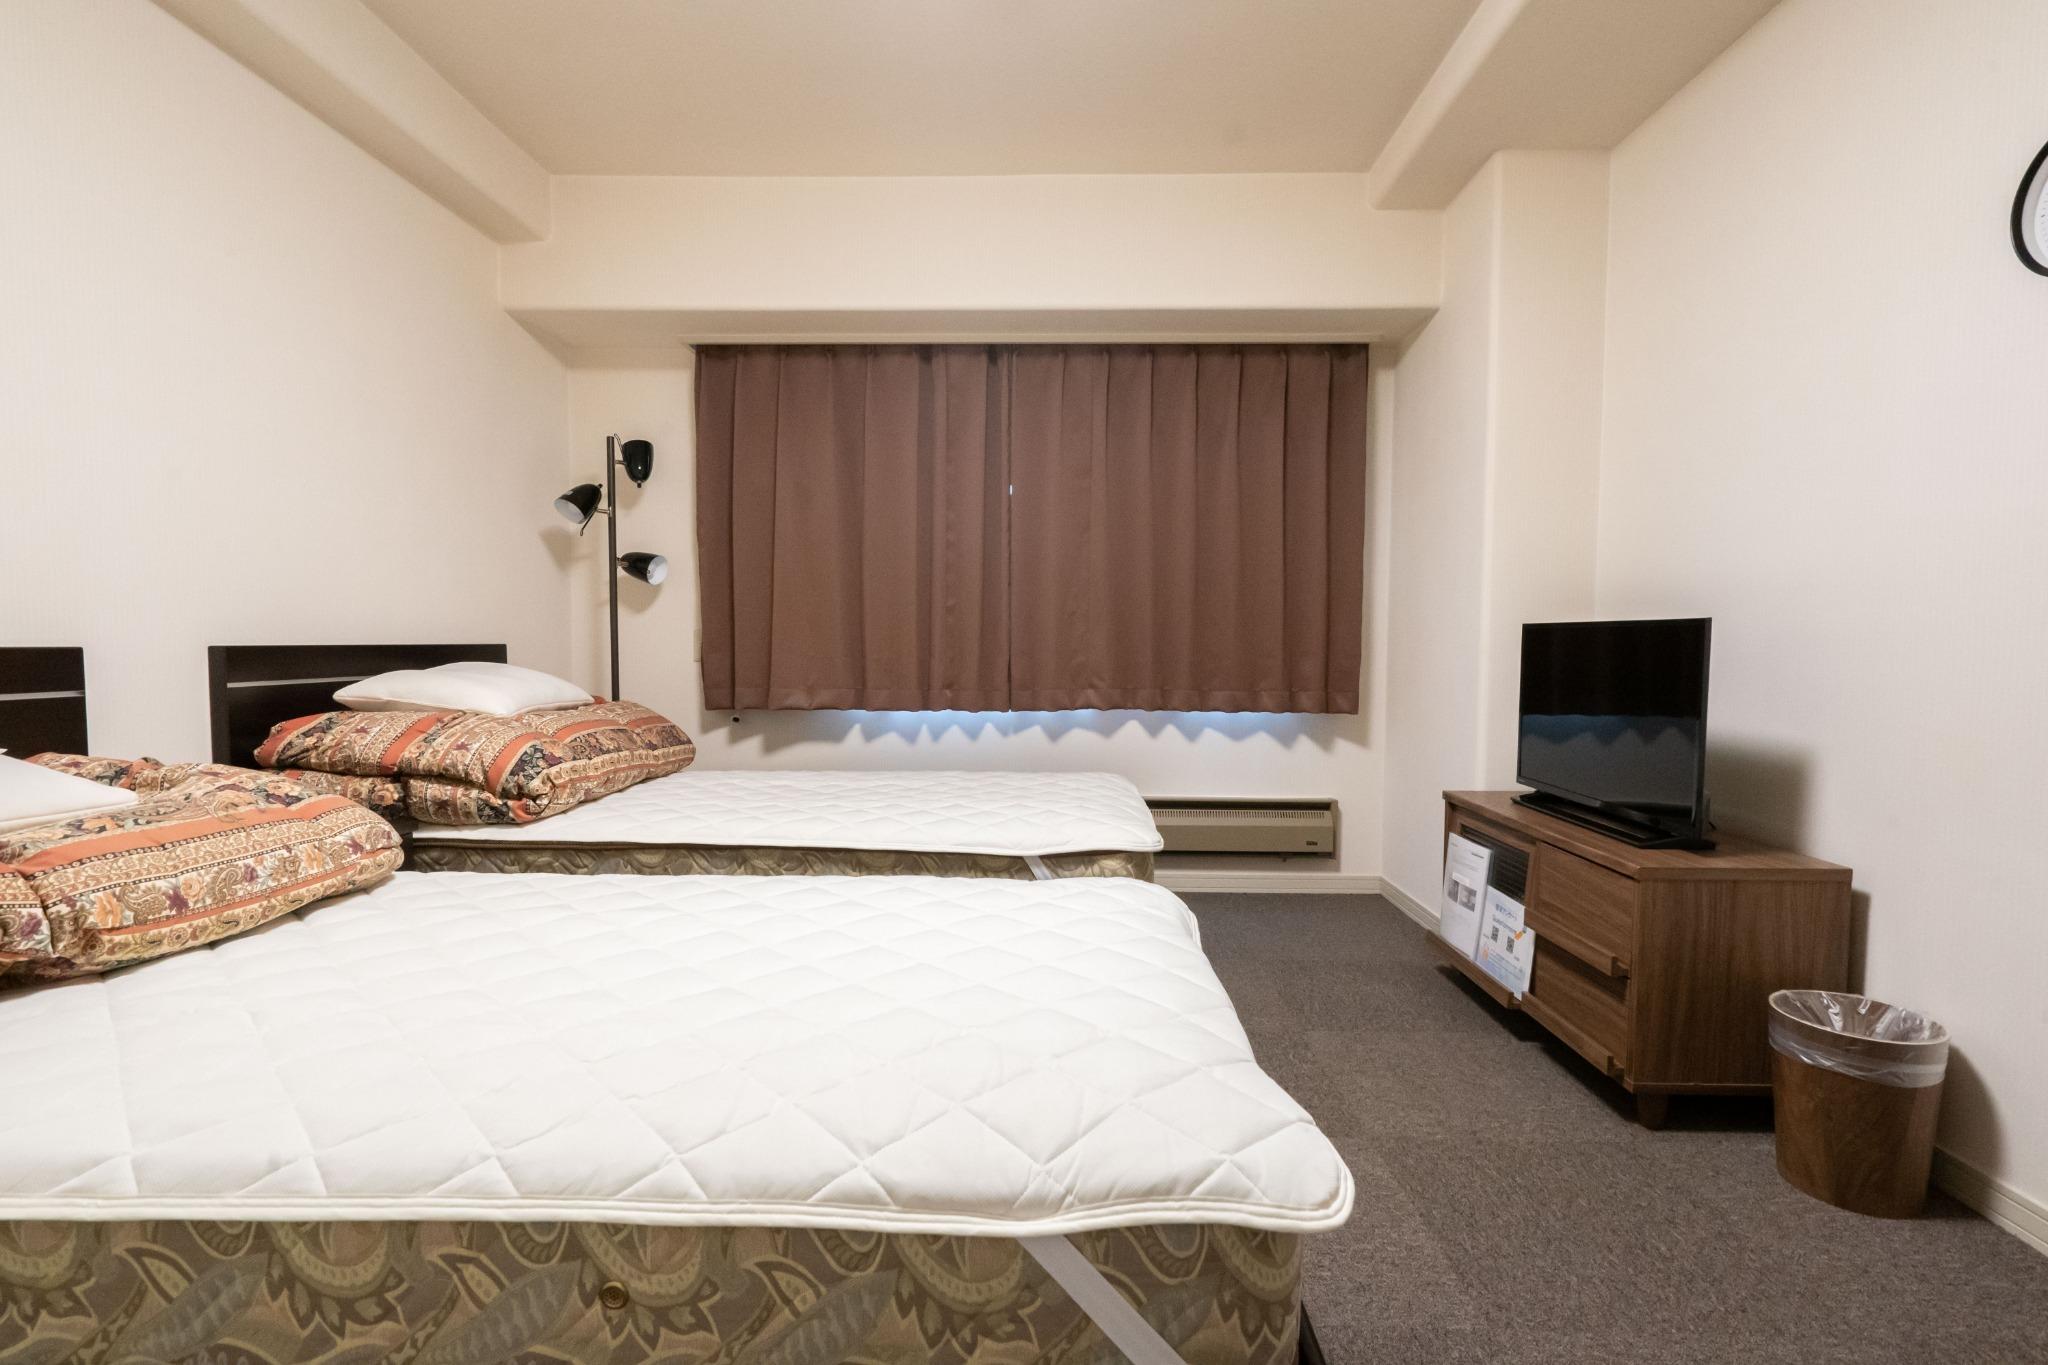 【ワーケーション応援】温泉有・Wi-Fi完備・リゾートマンションでごゆっくり【703号室・2名】